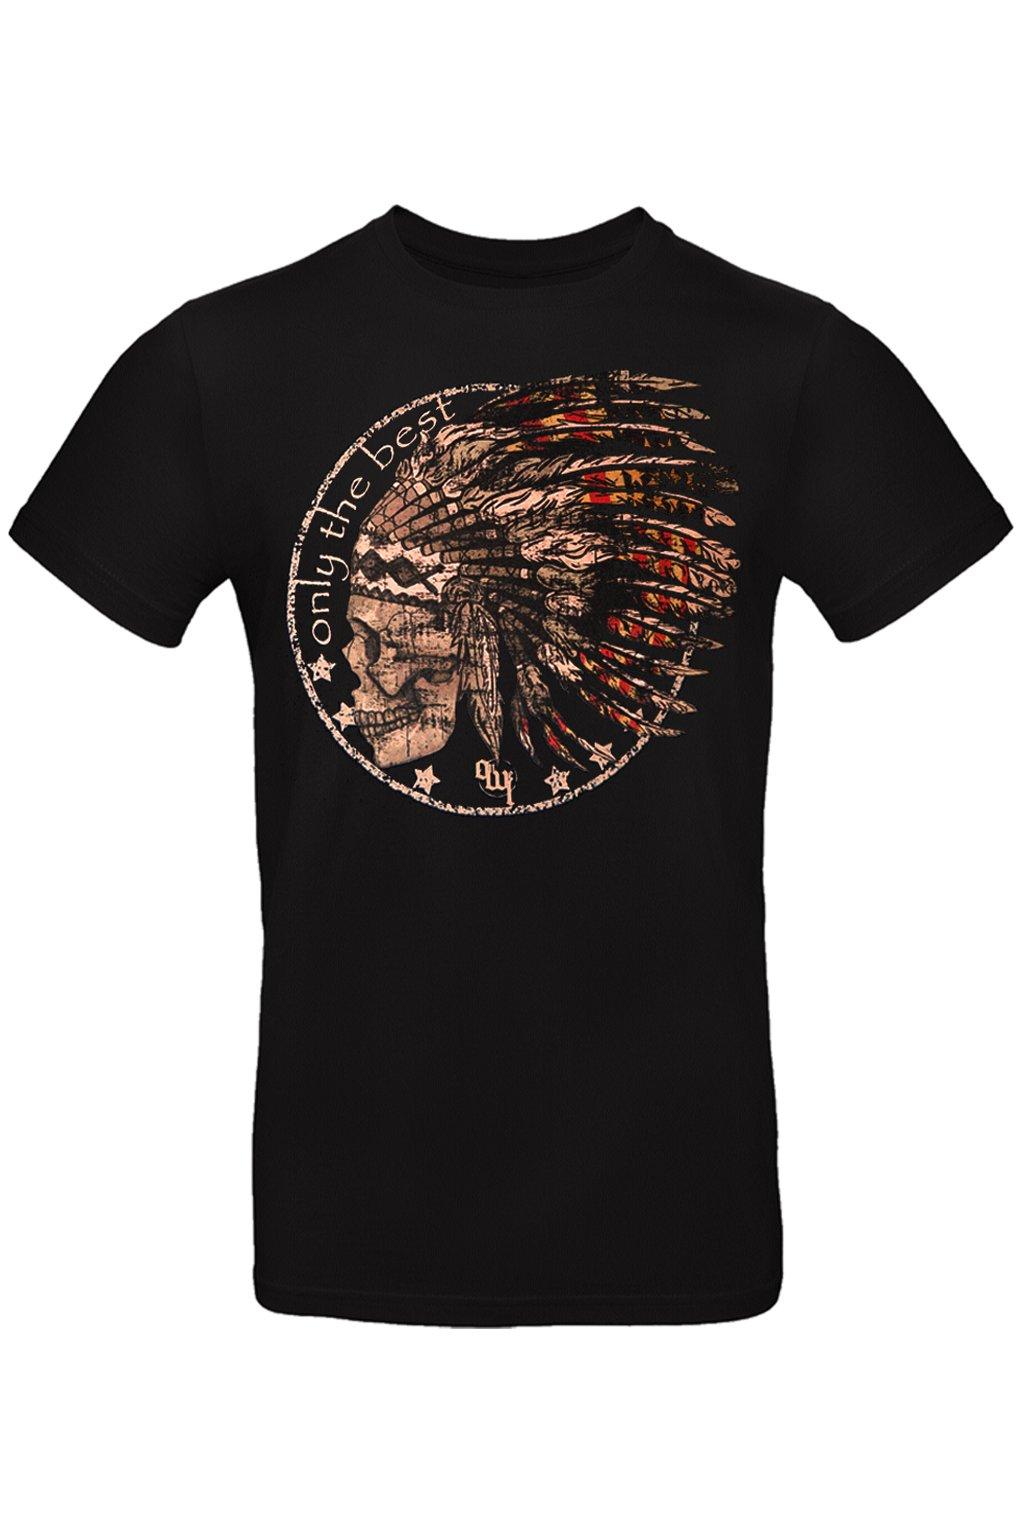 tričko které miluješ